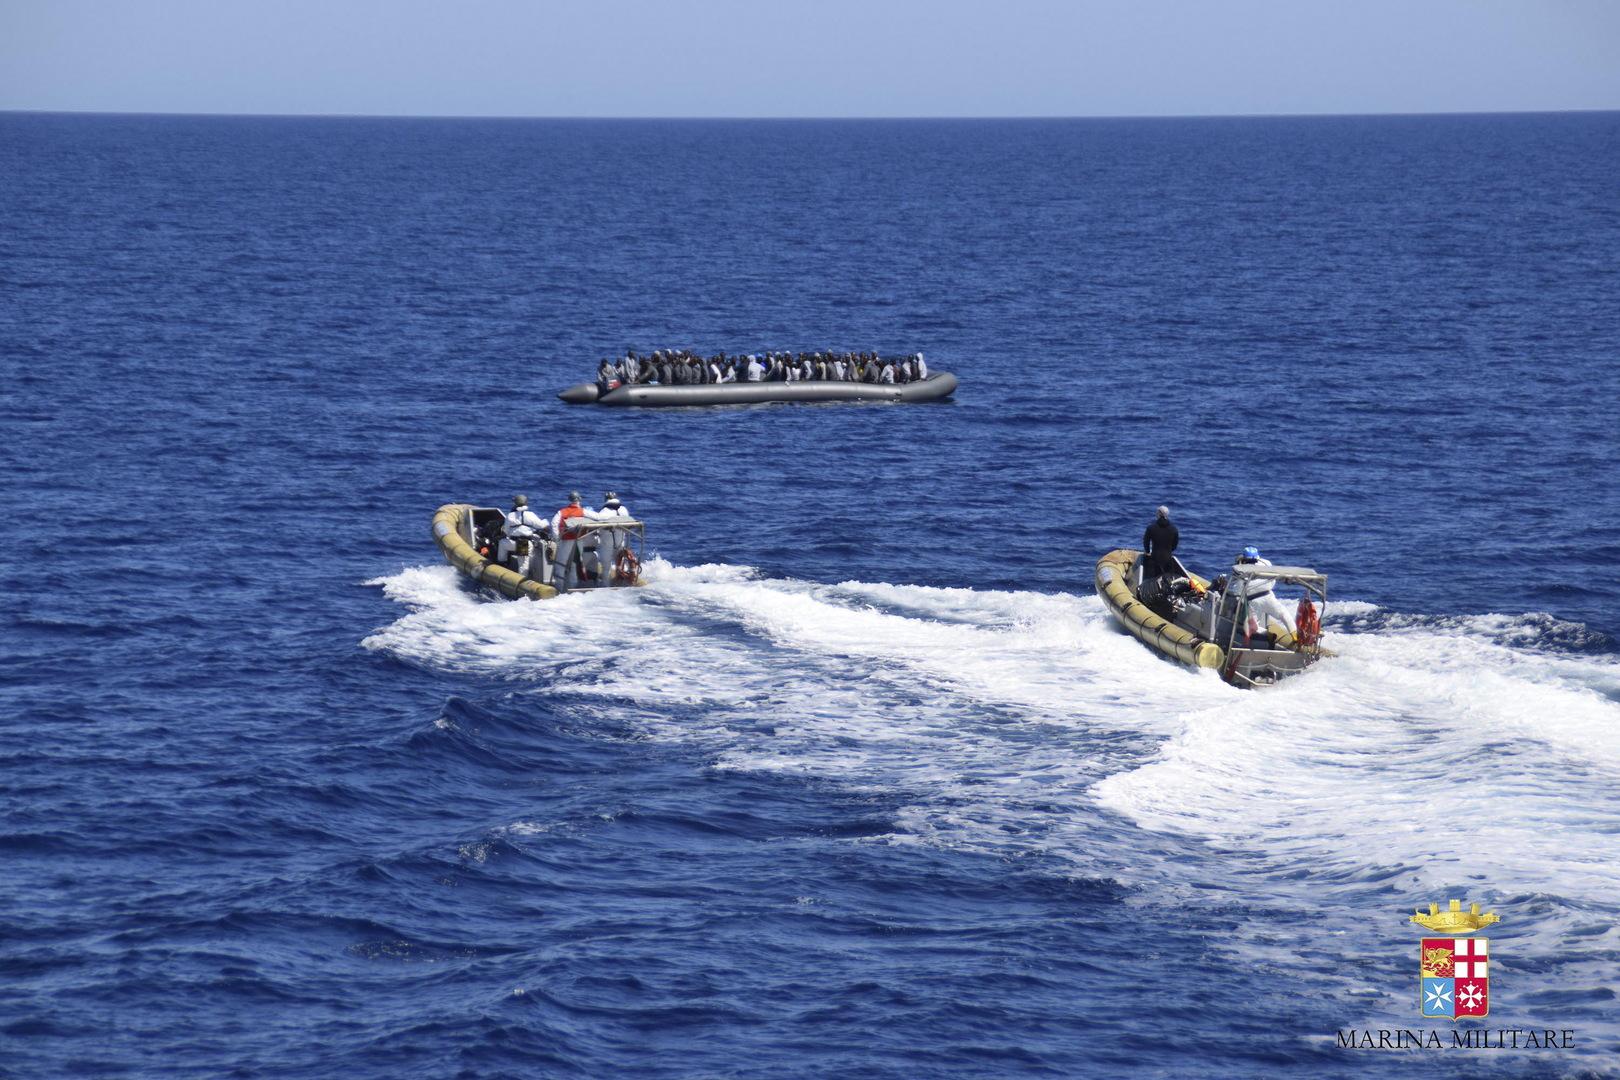 وصول نحو 80 مهاجرا تونسيا إلى جزيرة لامبيدوزا الإيطالية